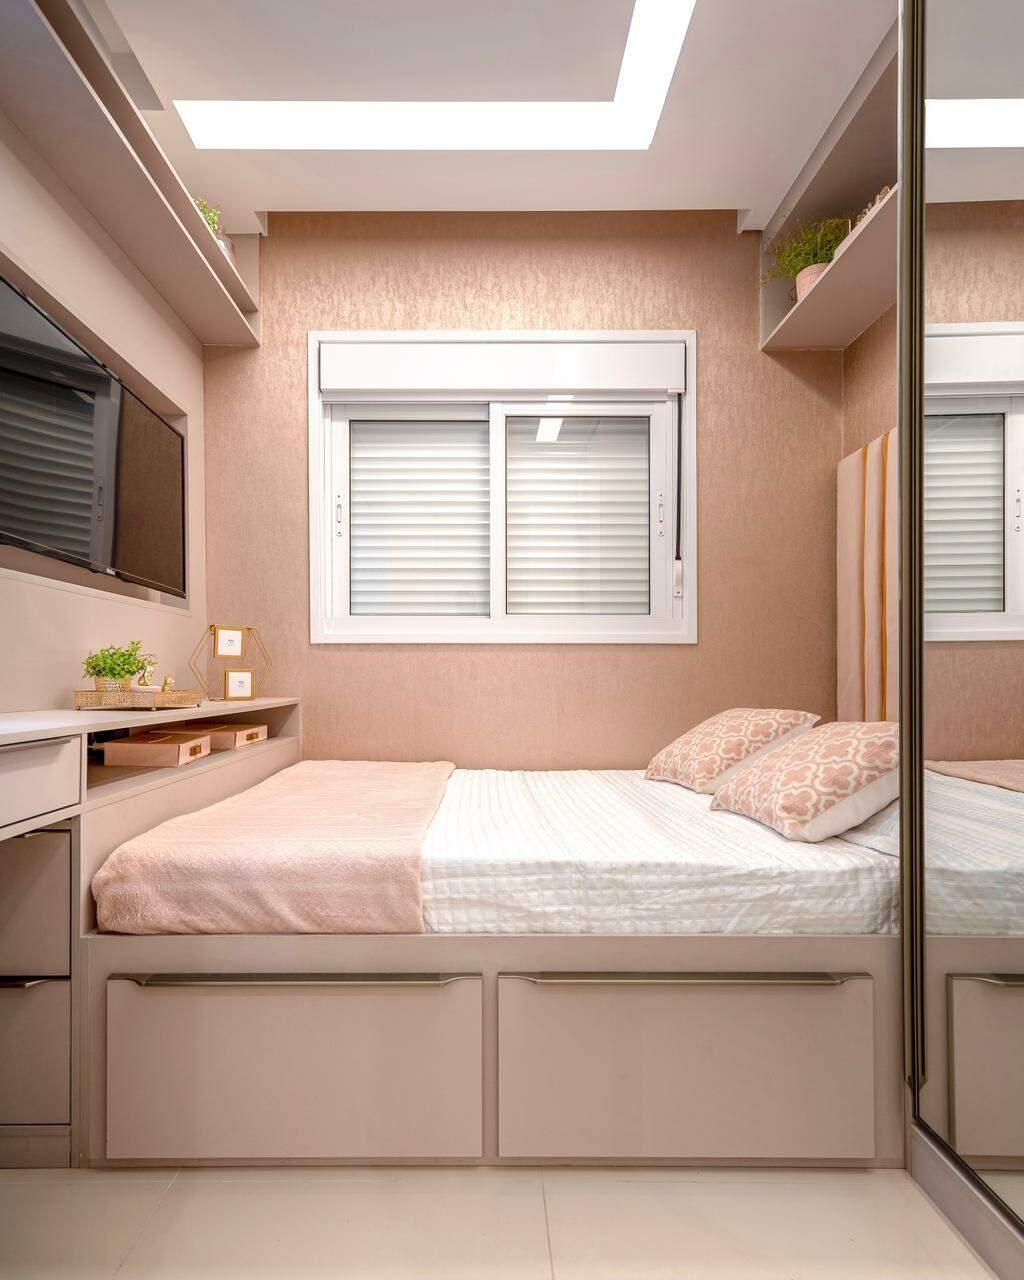 Apesar do espaço reduzido, quarto ganhou conforto com boas soluções. (Foto: Janaina Lott)